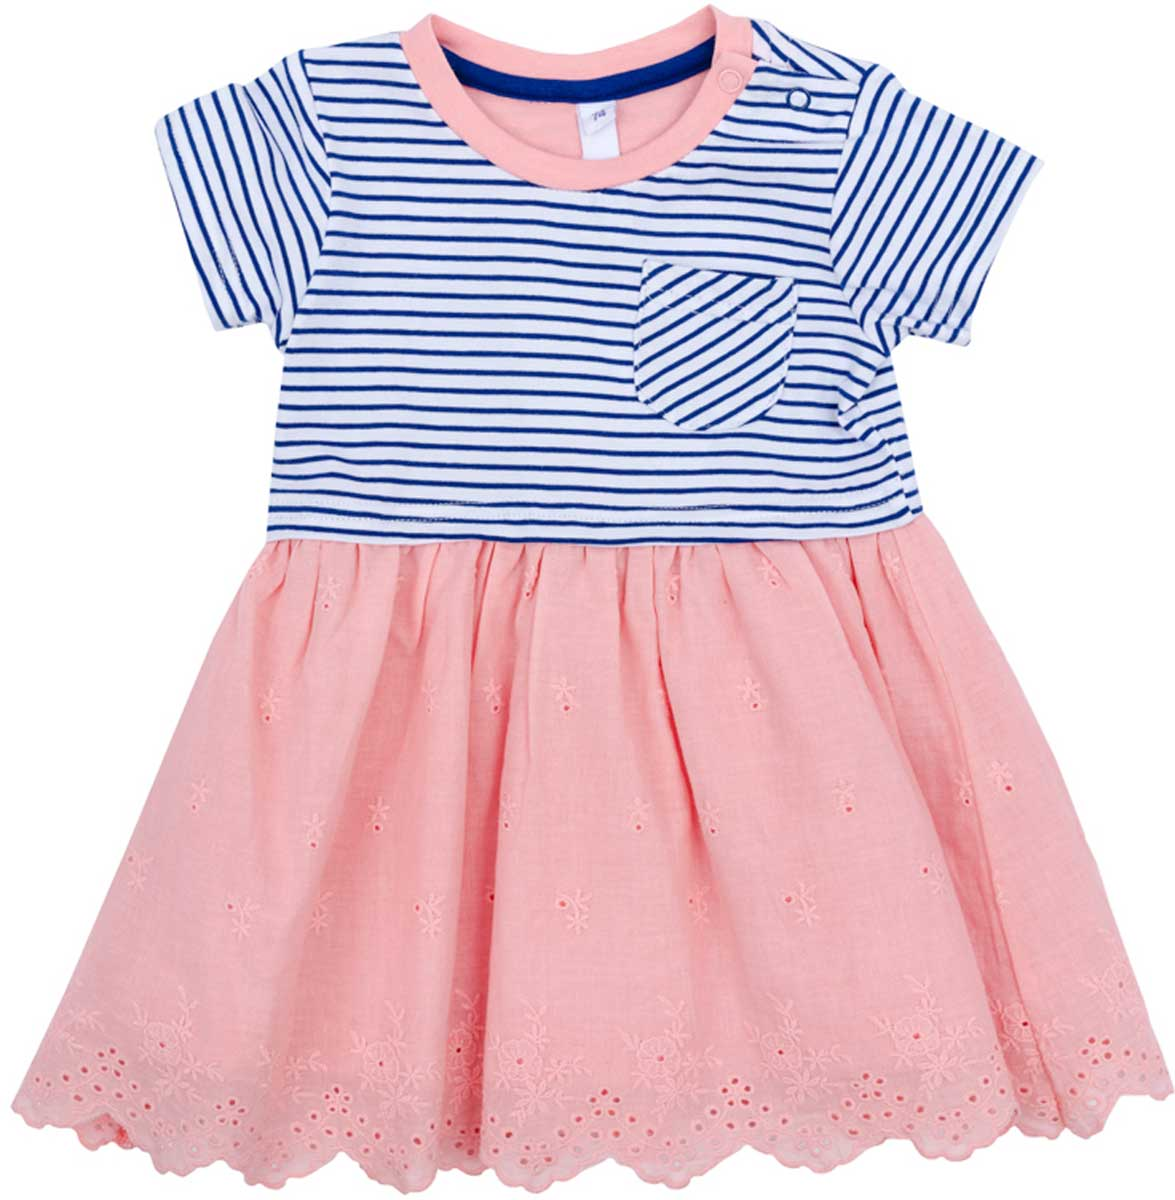 Платье для девочки PlayToday, цвет: розовый, серый, белый. 178060. Размер 80178060Платье PlayToday, отрезное по талии, с округлым вырезом у горловины, понравится вашей моднице. Свободный крой не сковывает движений. Приятная на ощупь ткань не раздражает нежную кожу ребенка. Модель декорирована небольшим аккуратным карманом.